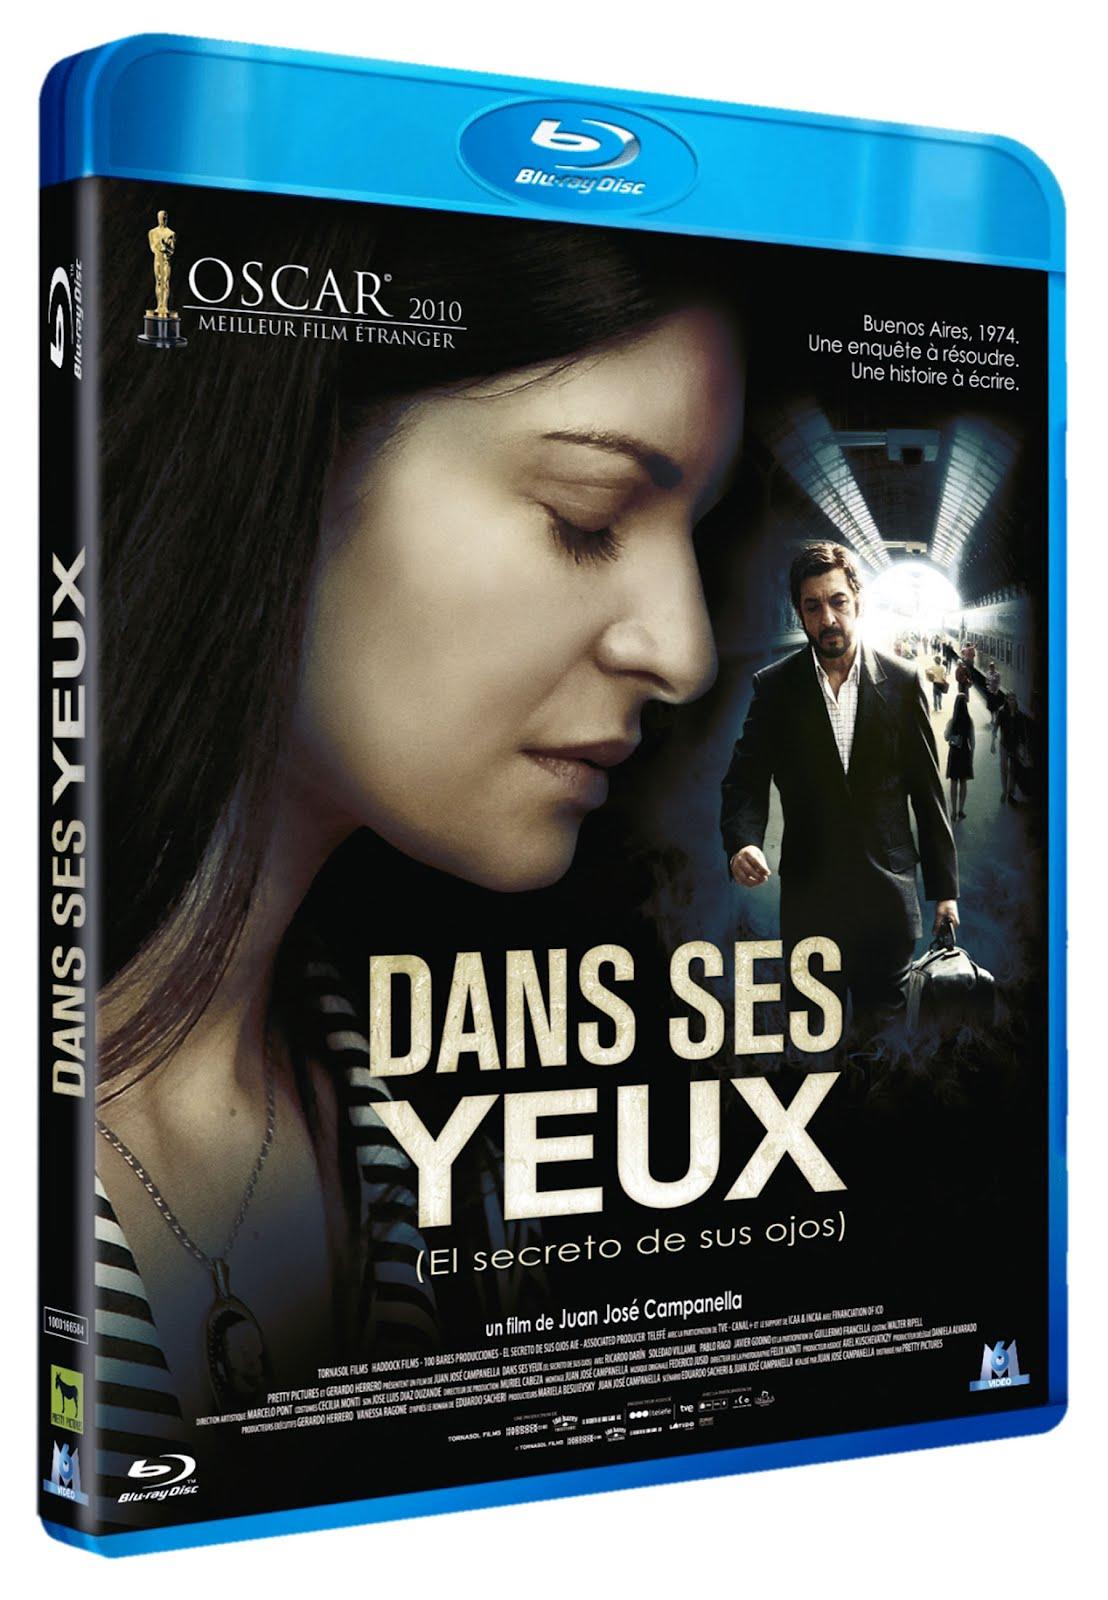 El secreto de sus ojos Blu-ray DVD Case Box